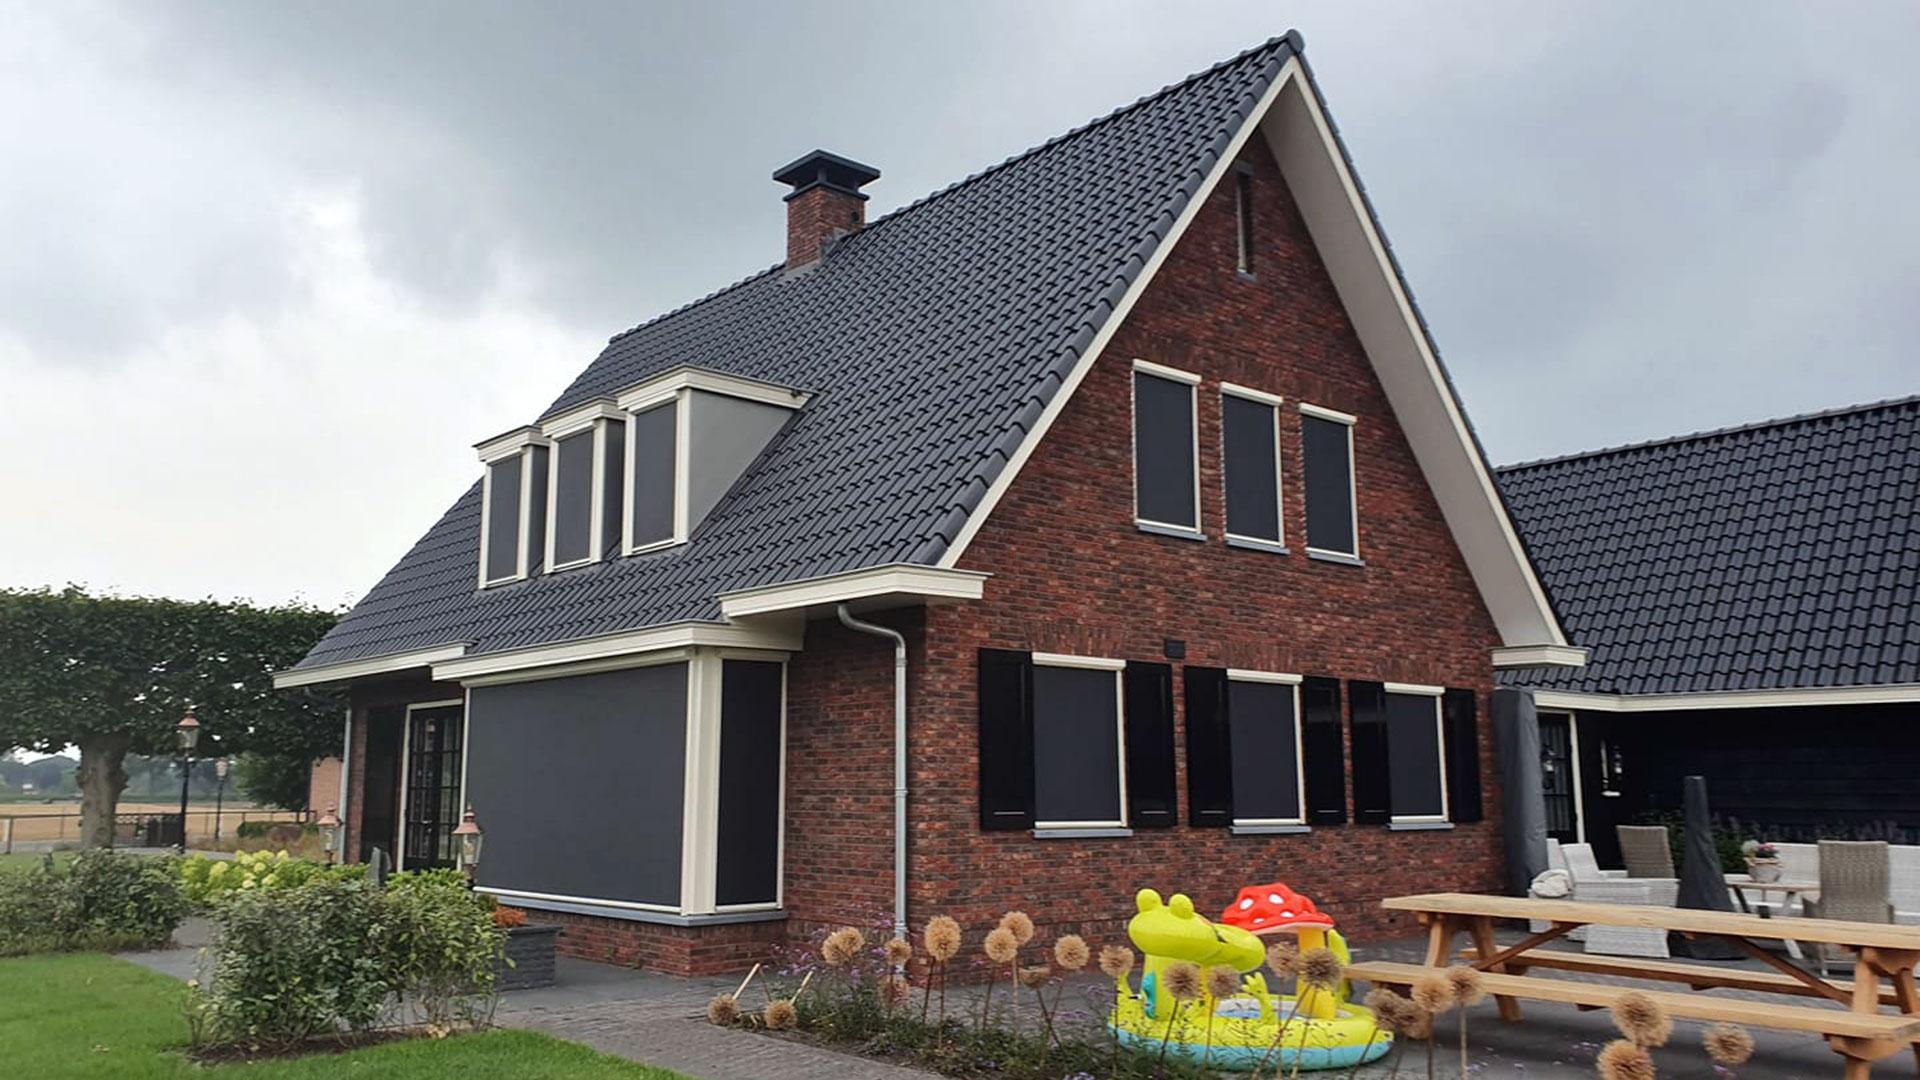 Zonwering - Screens - ontdek het aanbod bij Groenevelt Zonwering & Raamdecoratie